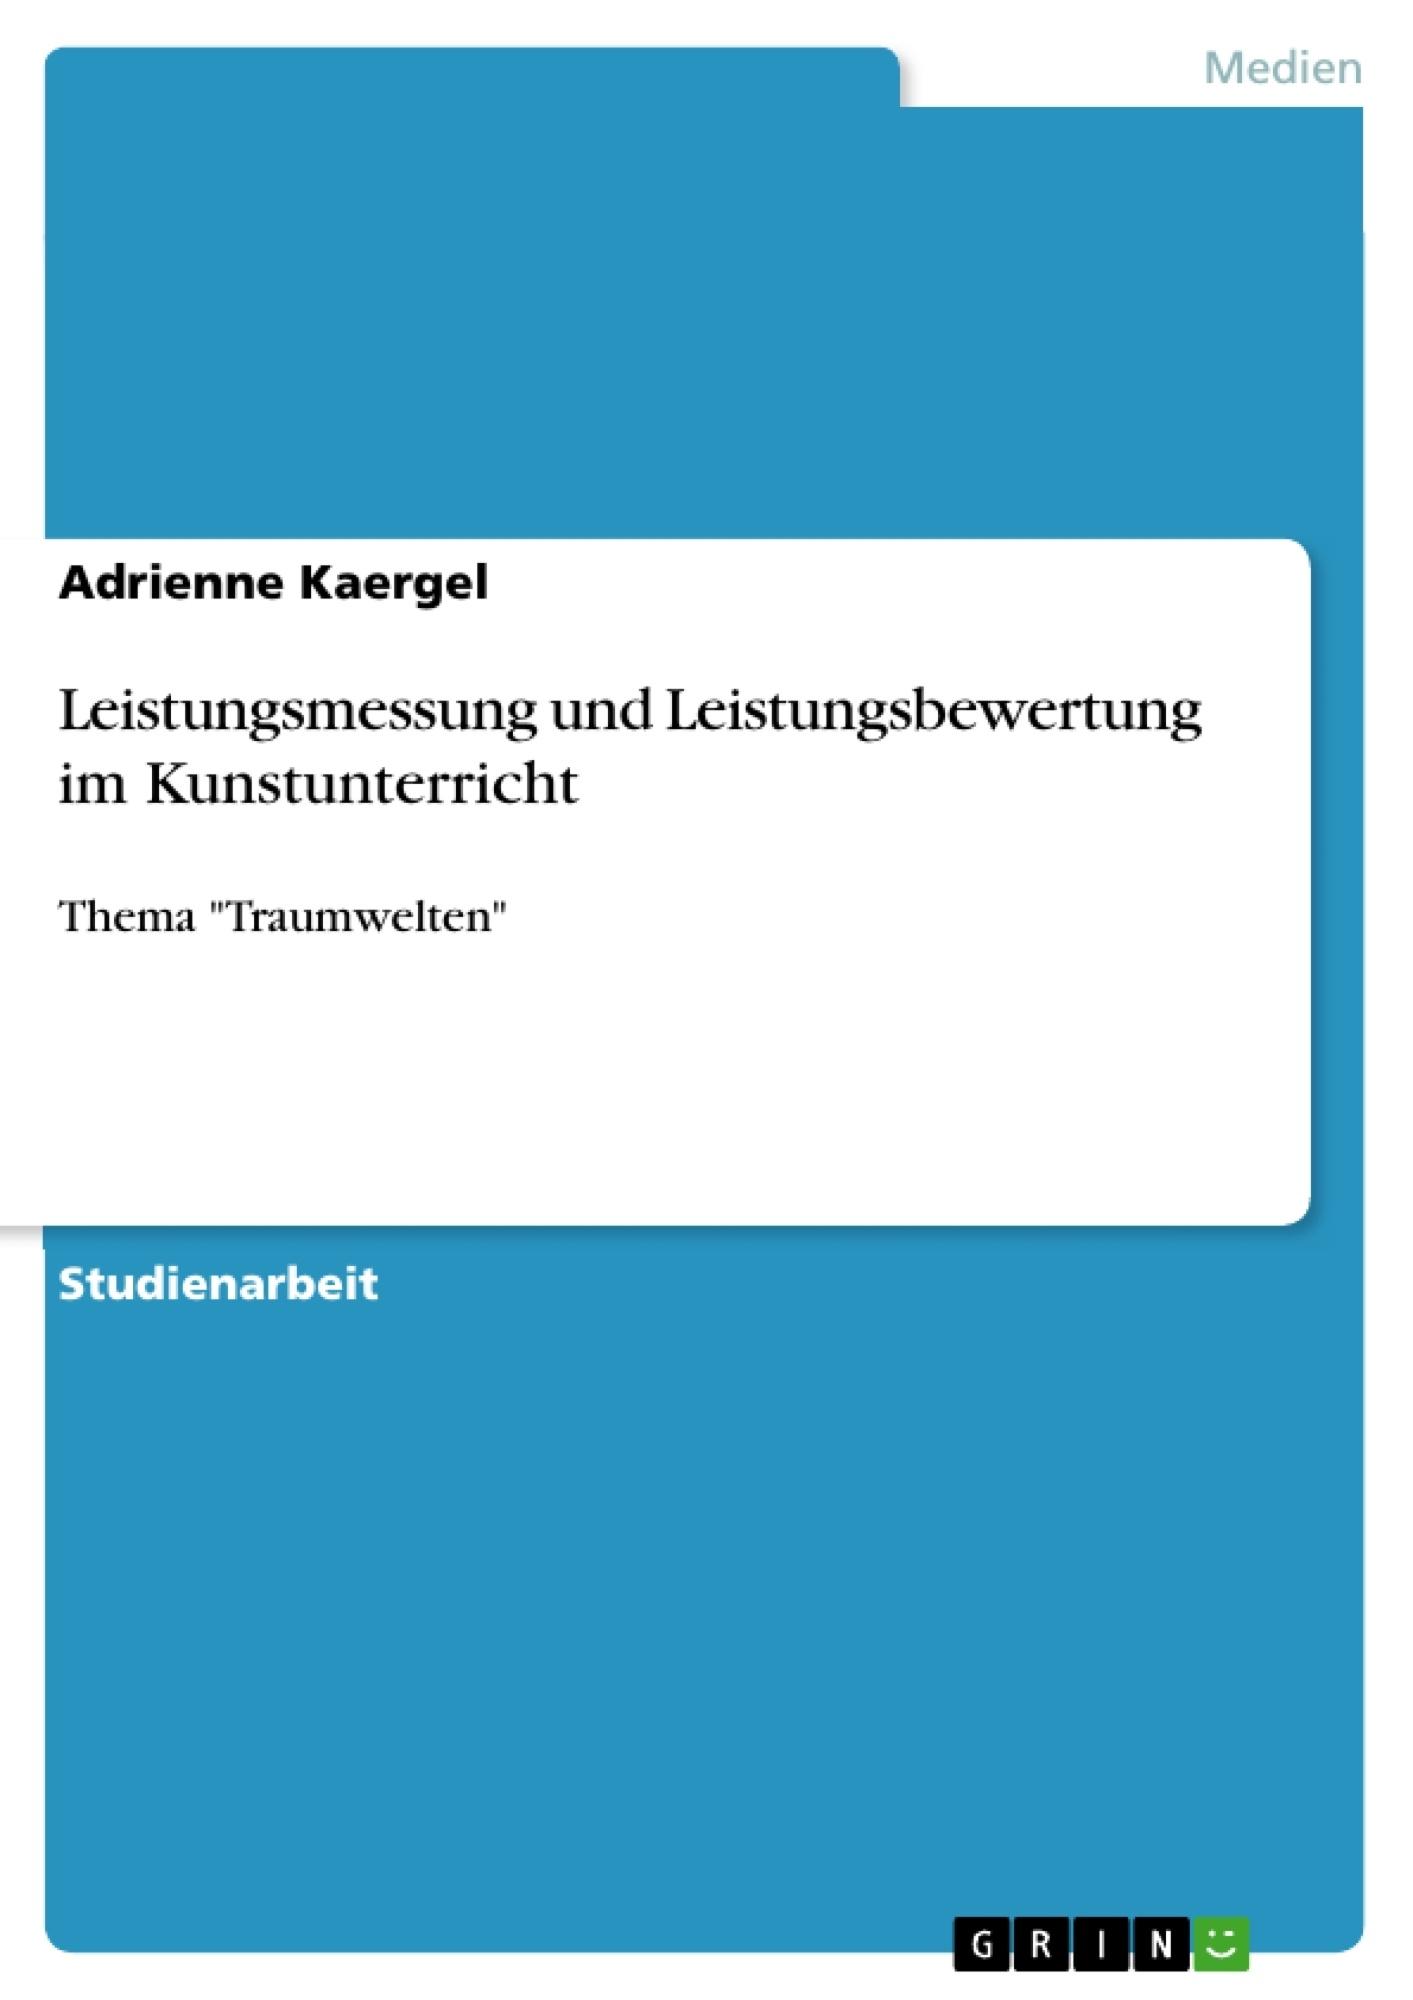 Titel: Leistungsmessung und Leistungsbewertung im Kunstunterricht